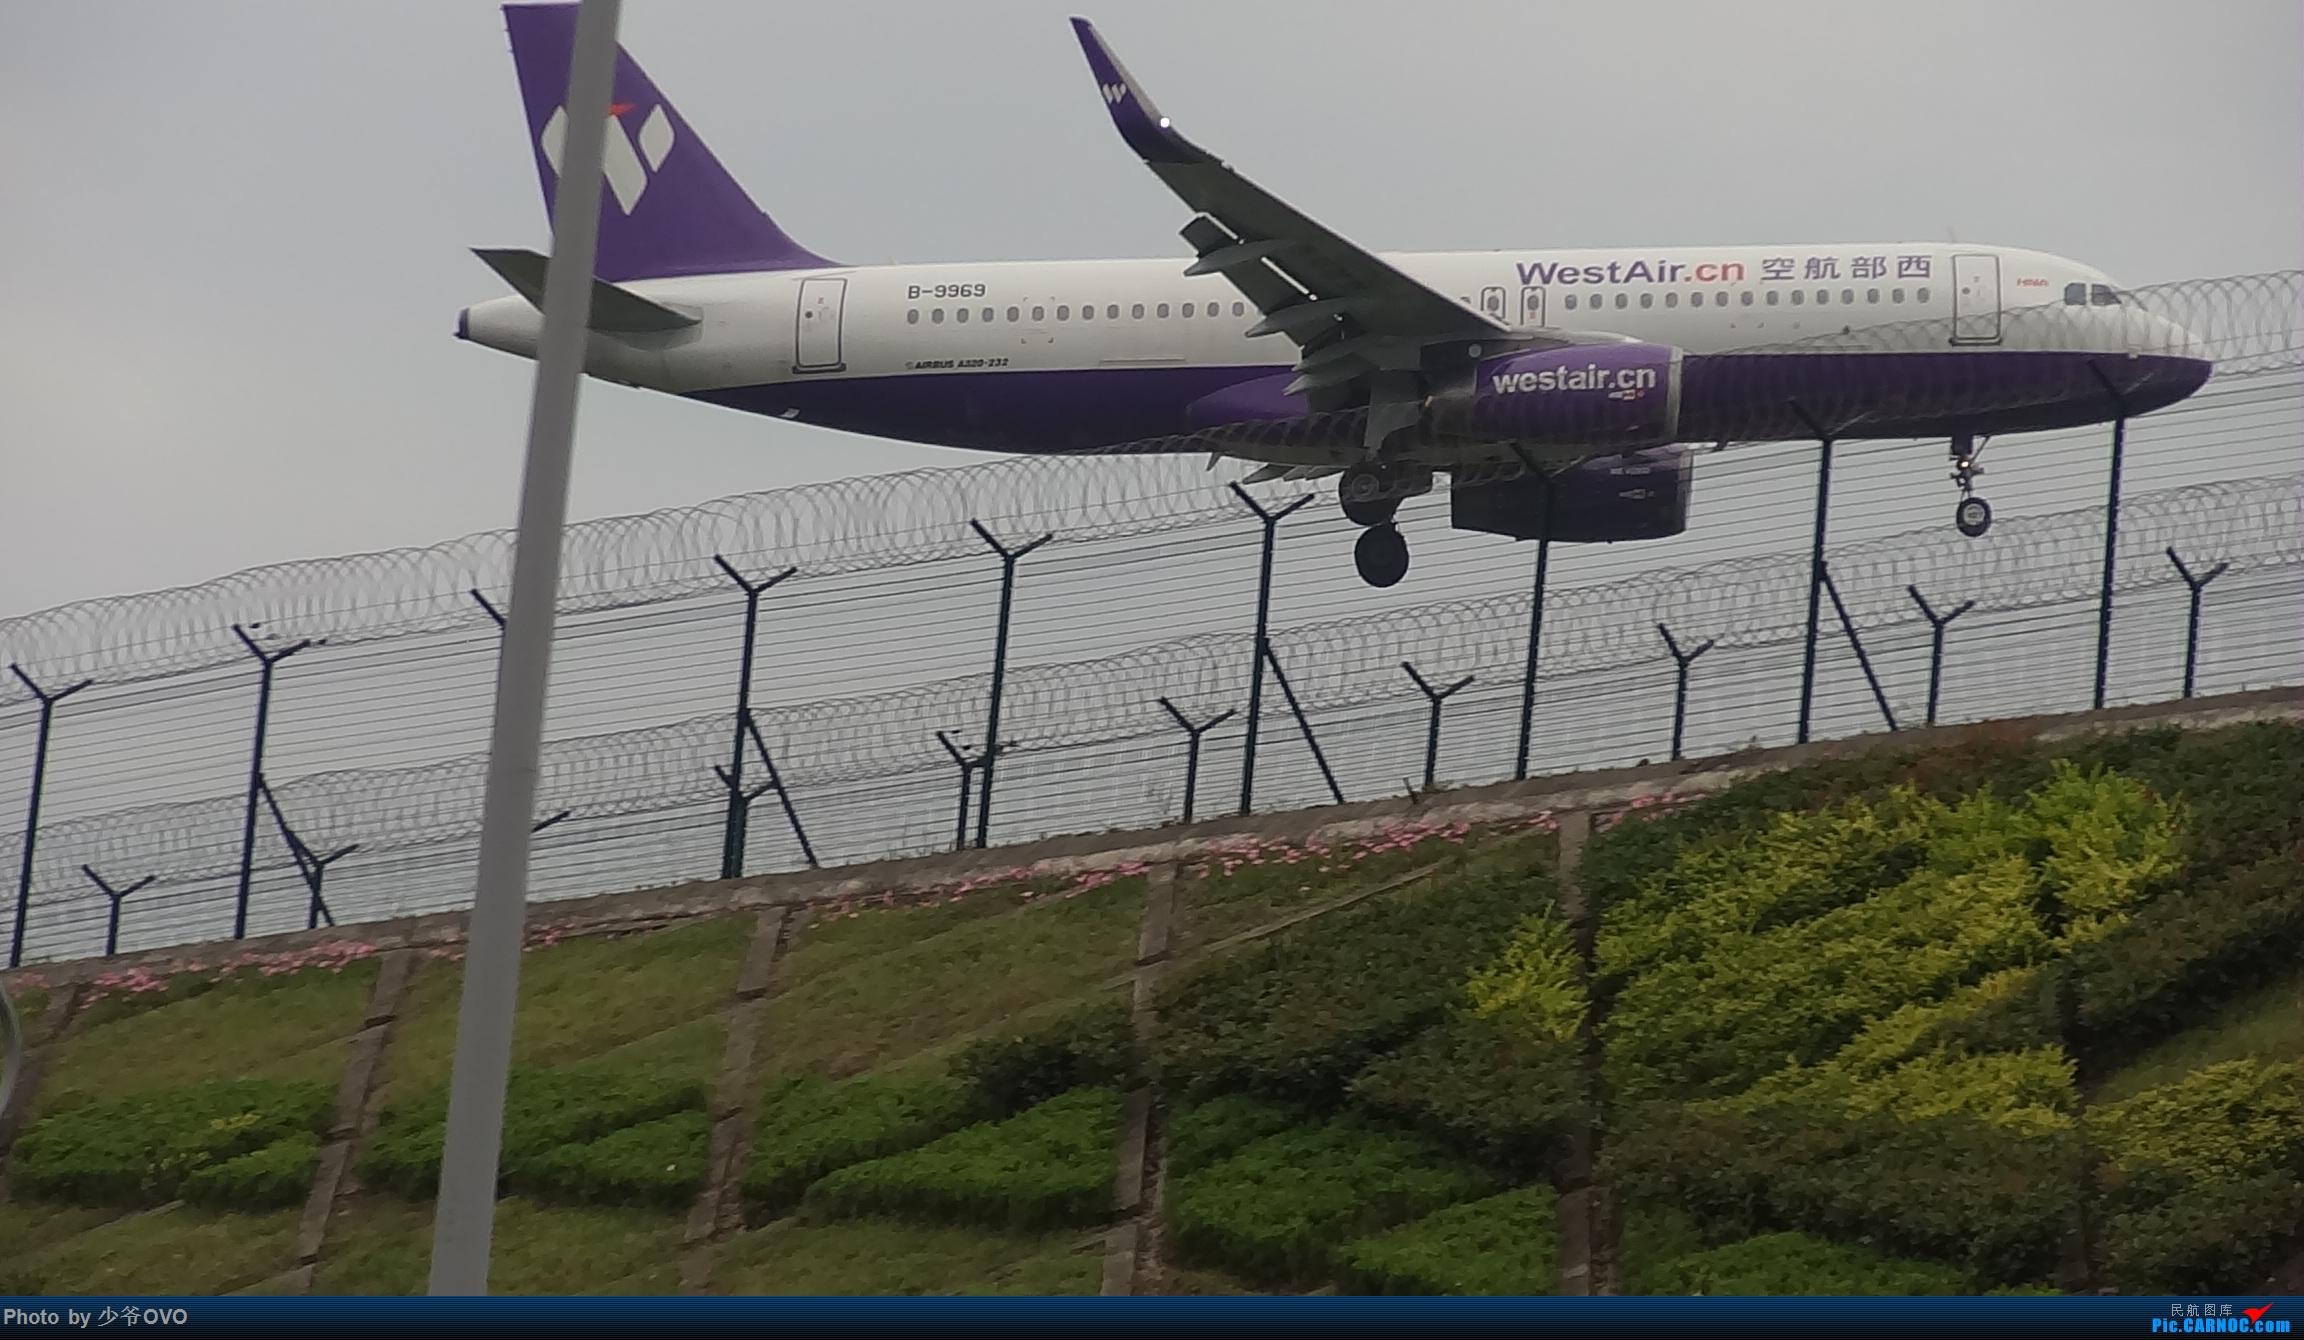 Re:[原创]CKG拍机,数码机最后的倔强 AIRBUS A320-200 B-9969 中国重庆江北国际机场